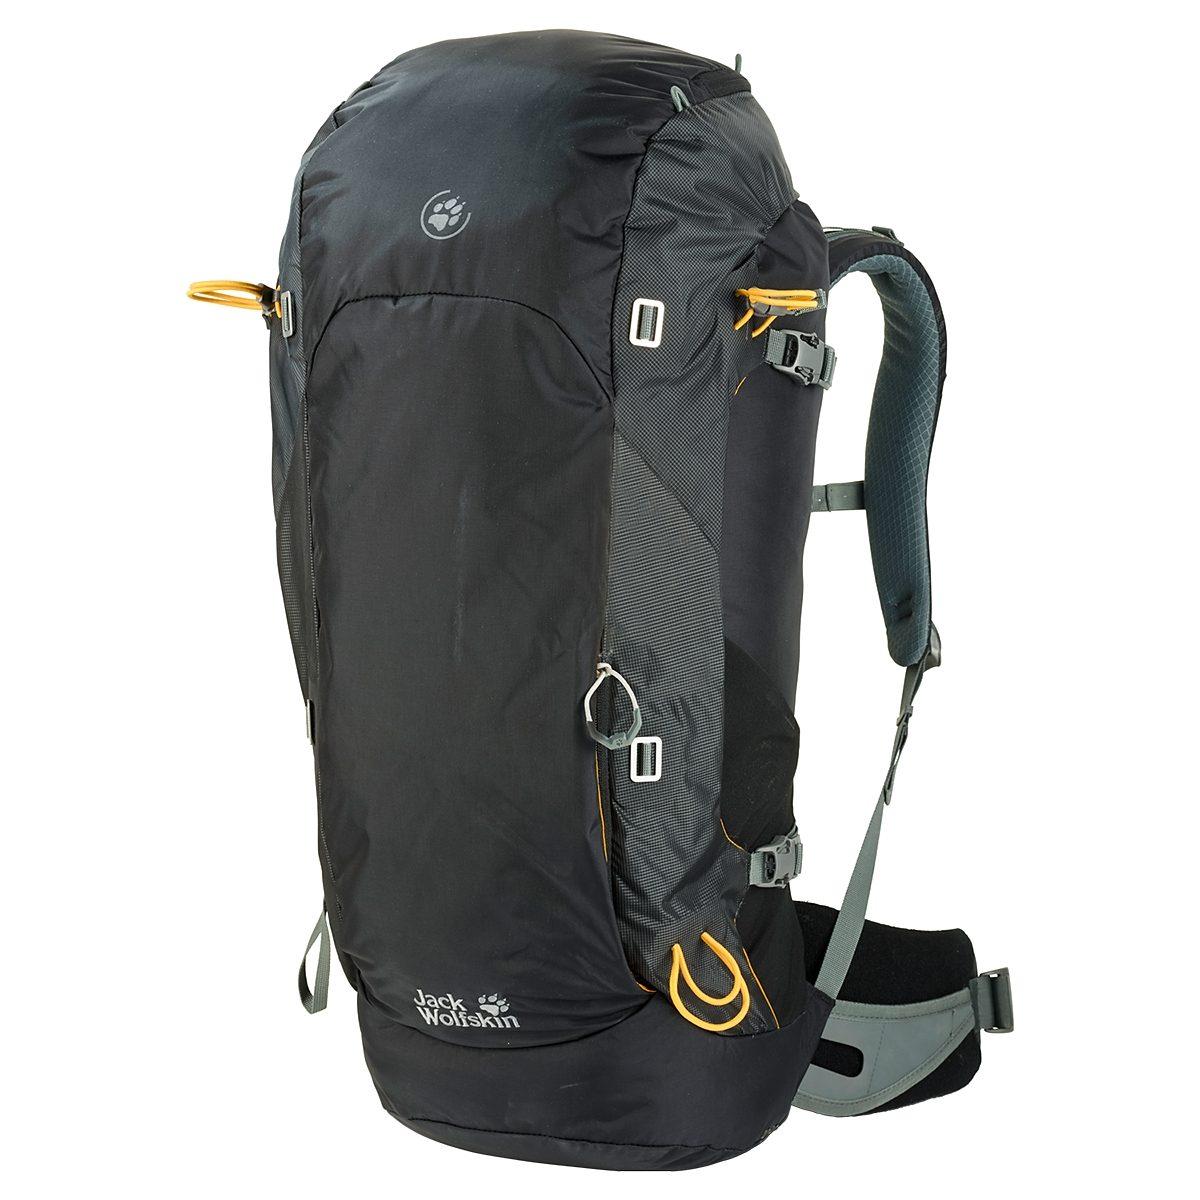 Jack Wolfskin Sport- und Freizeittasche »EDS Dynamic Pro 48 Pack«